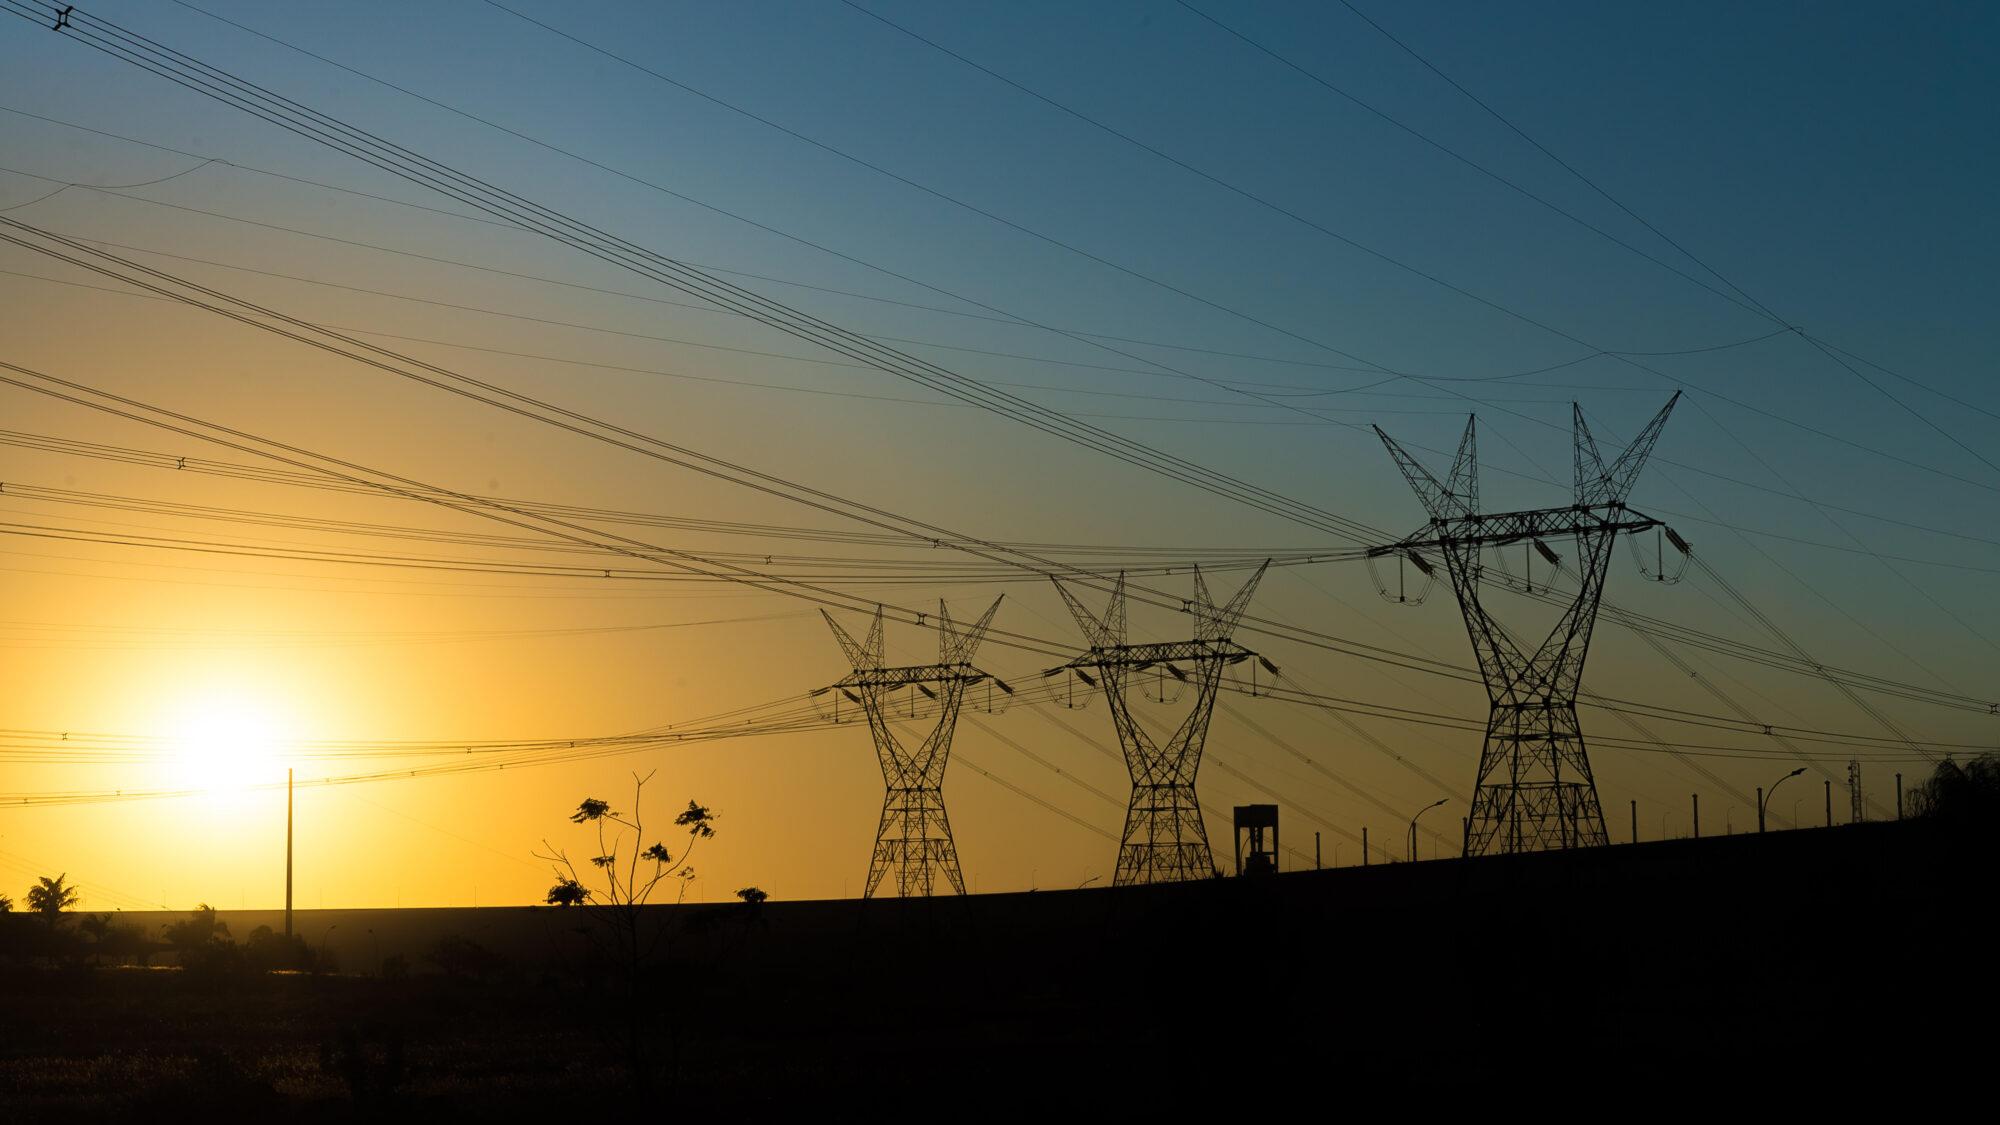 Trung Quốc đang ráo riết ngăn chặn khủng hoảng thiếu năng lượng như thế nào?